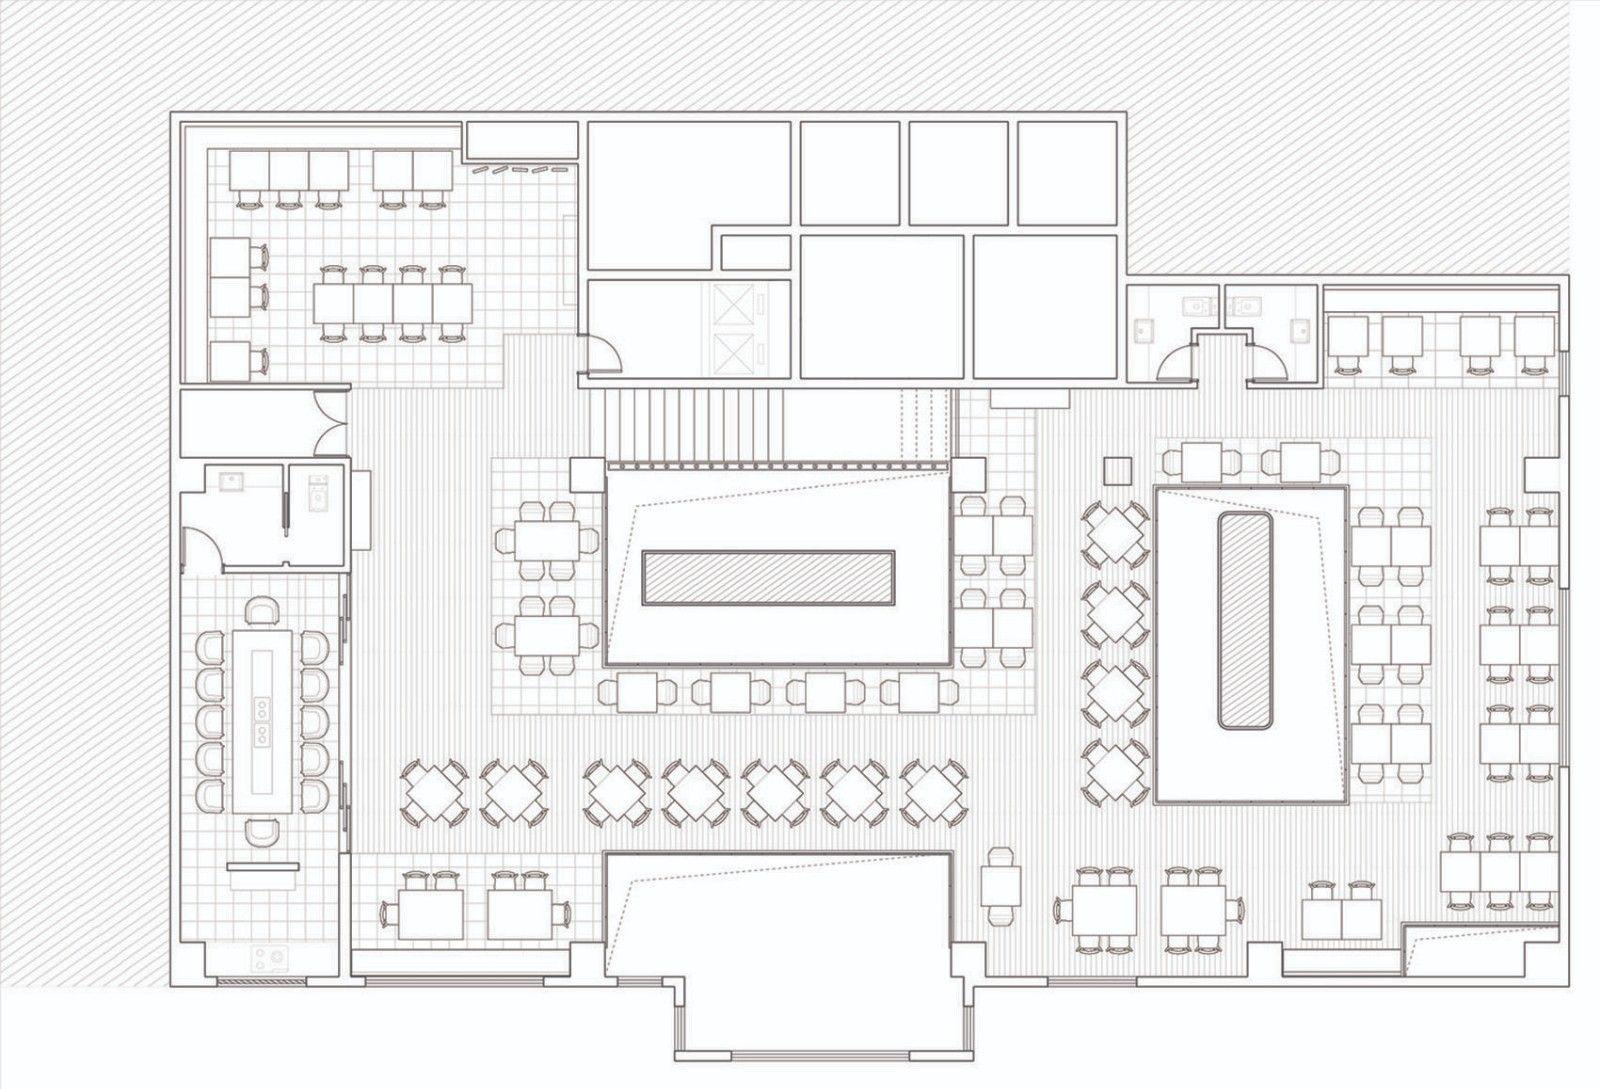 强调互动的餐厅·武汉萨丁伯格餐厅   上海问和答建筑设计